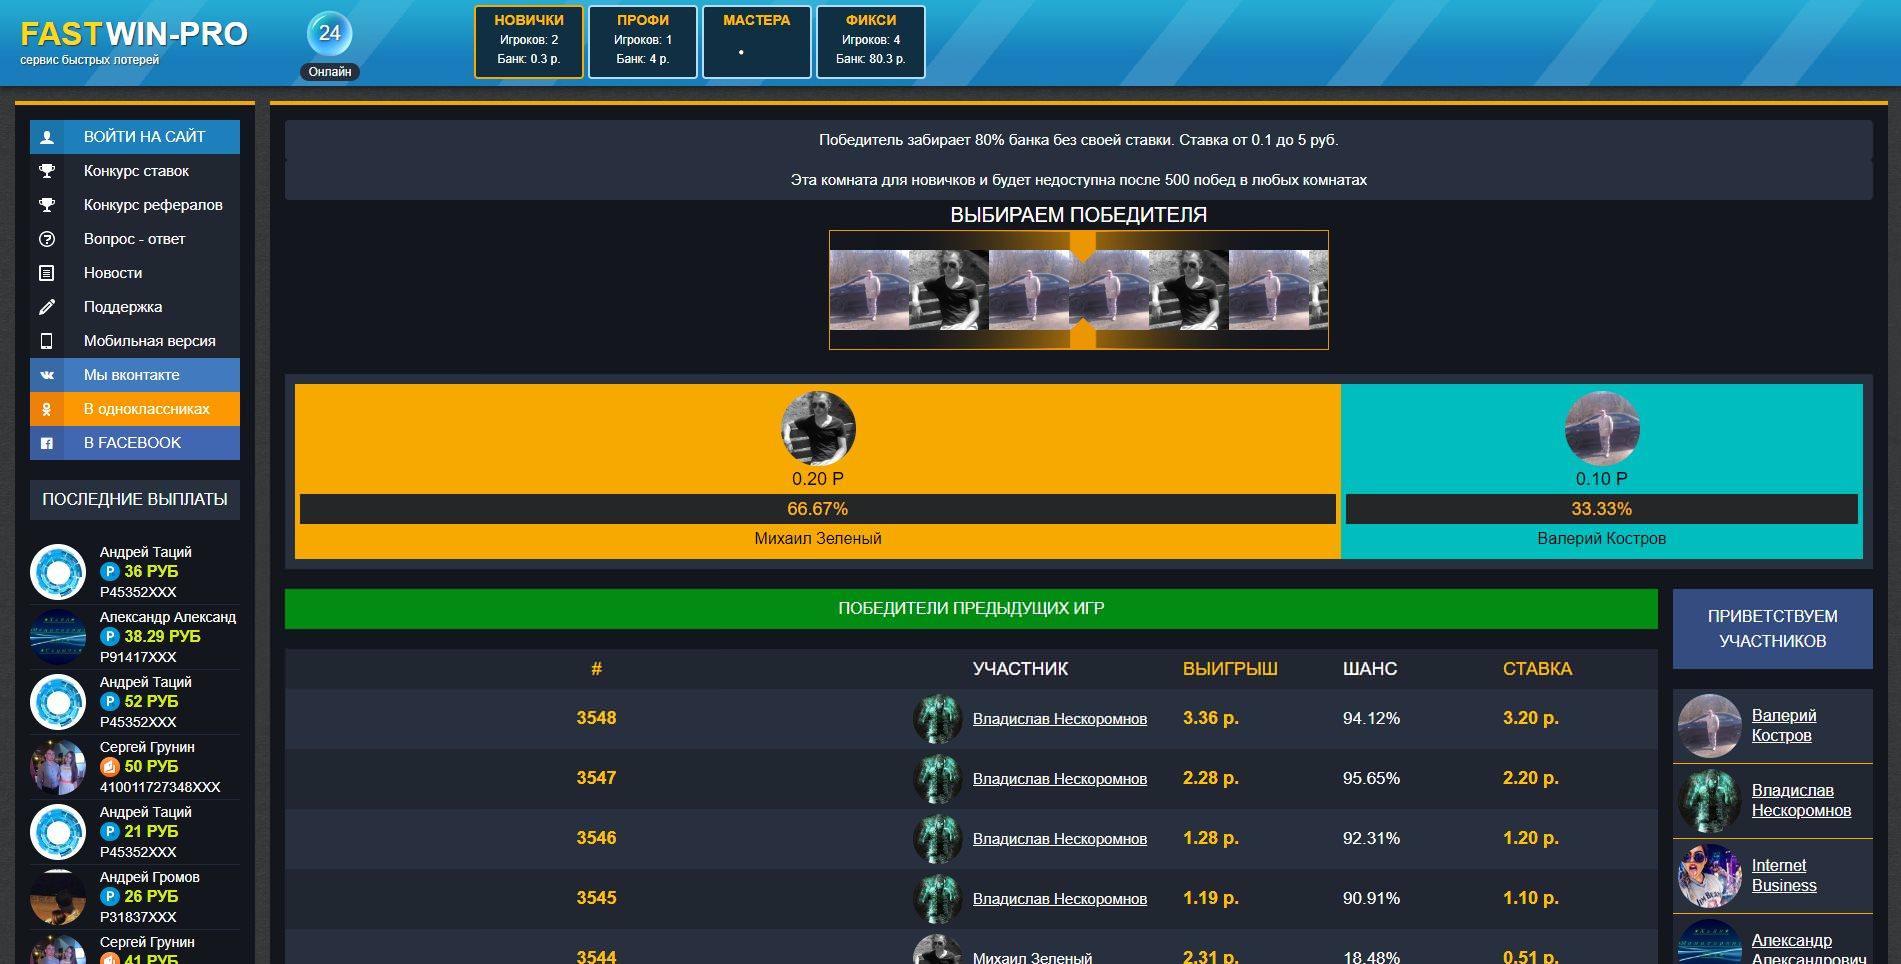 Battle - лучший сервис быстрых онлайн лотерей между реальными людьми, раздающий бонусы по 3-5 рублей каждый час | легкий-заработок